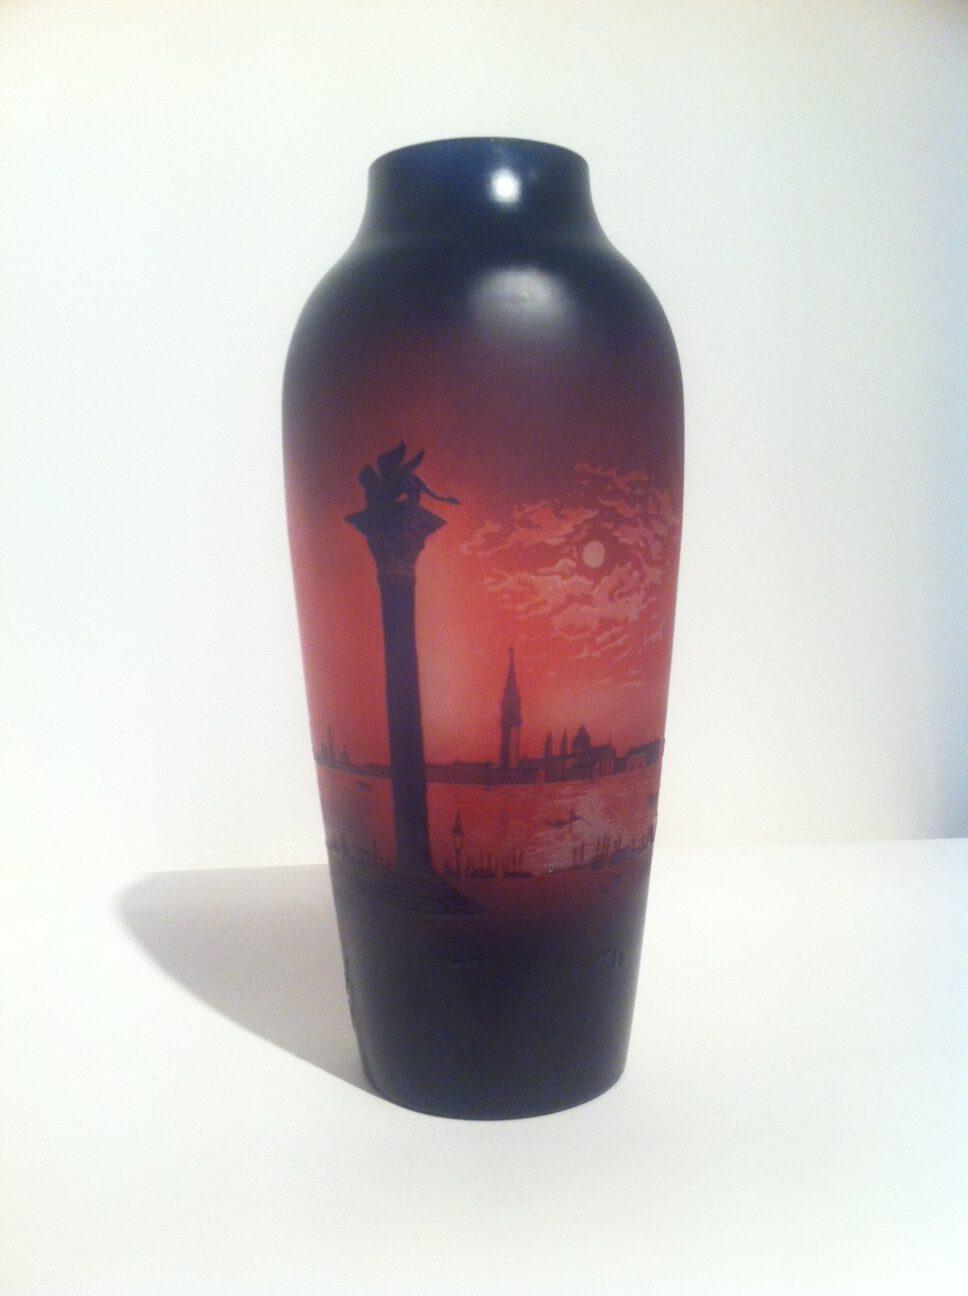 Vase Venezia, Paul Nicolas signiert D'Argental, Frankreich um 1920